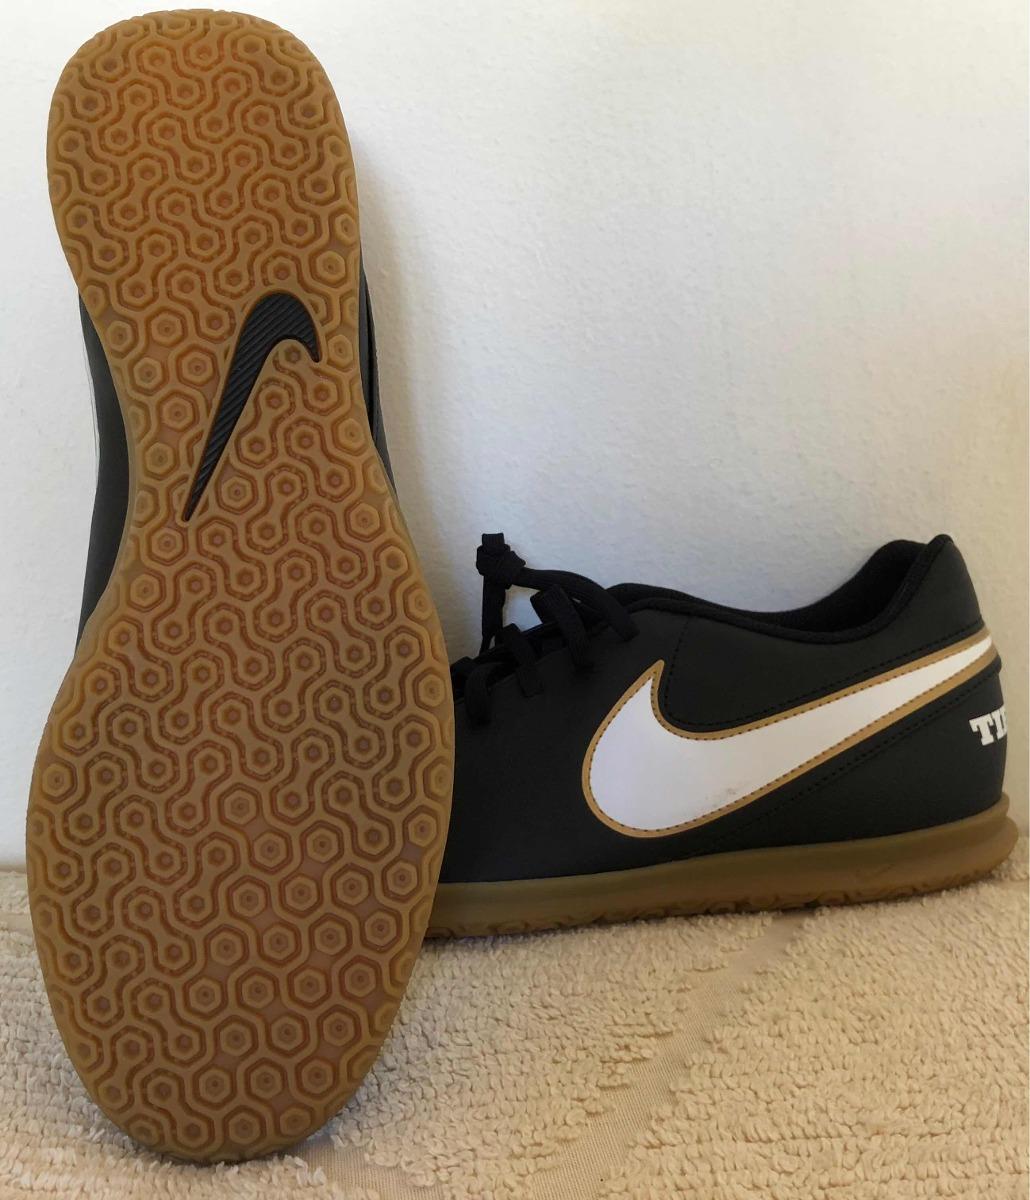 8539e96315ccb zapatillas nike para futsal o papi fútbol us11.5. Cargando zoom.